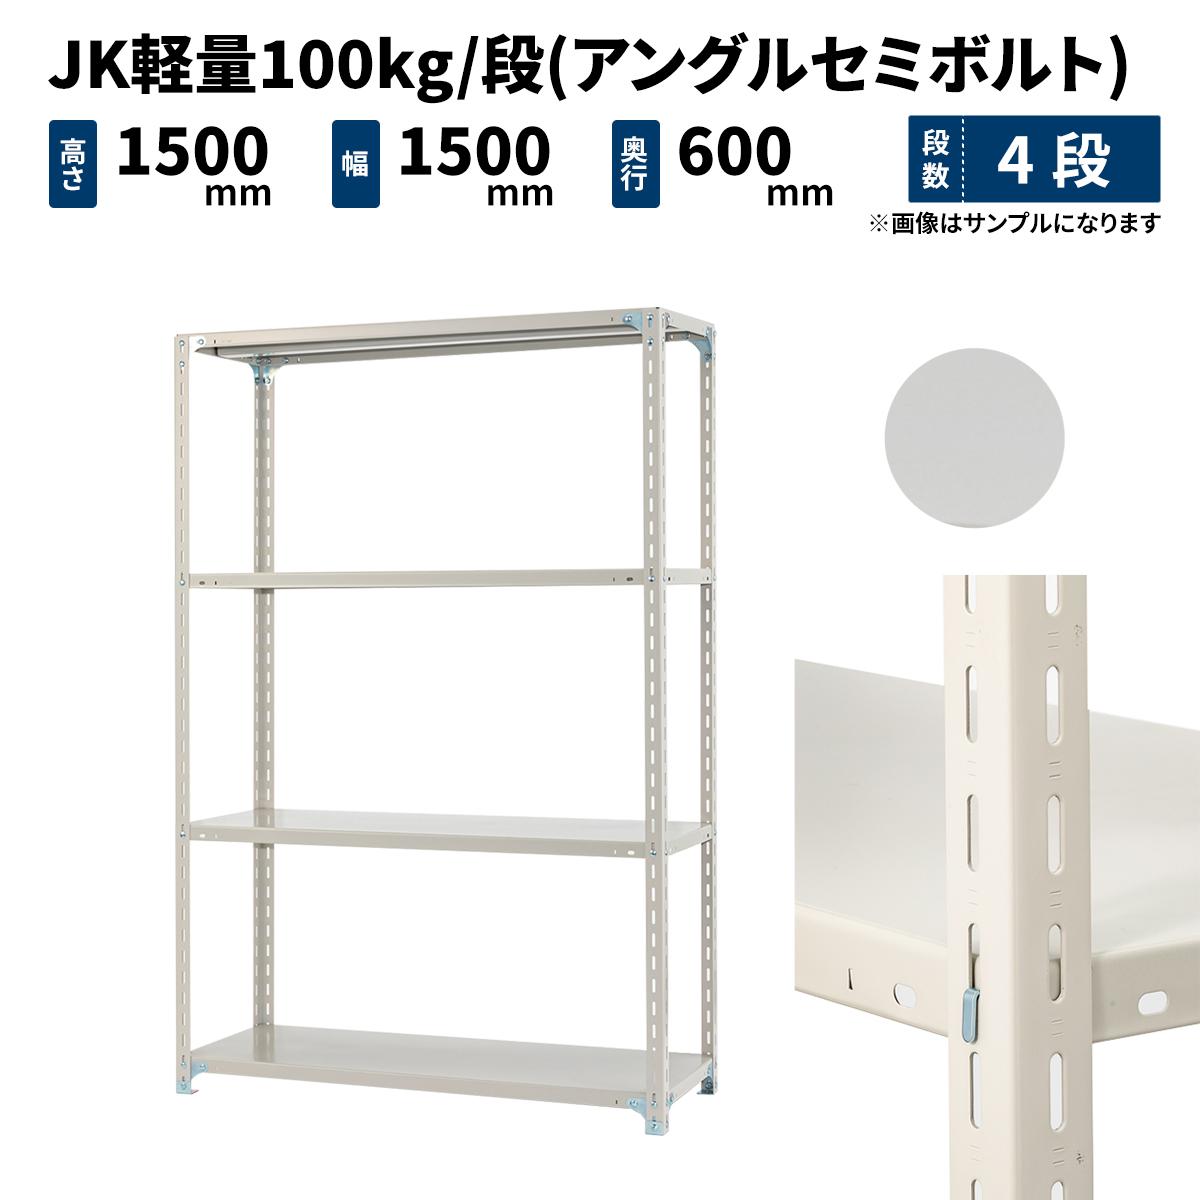 スチールラック 業務用 JK軽量100kg/段(アングルセミボルト) 高さ1500×幅1500×奥行600mm 4段 ホワイトグレー (48kg) JK100ST-151506-4